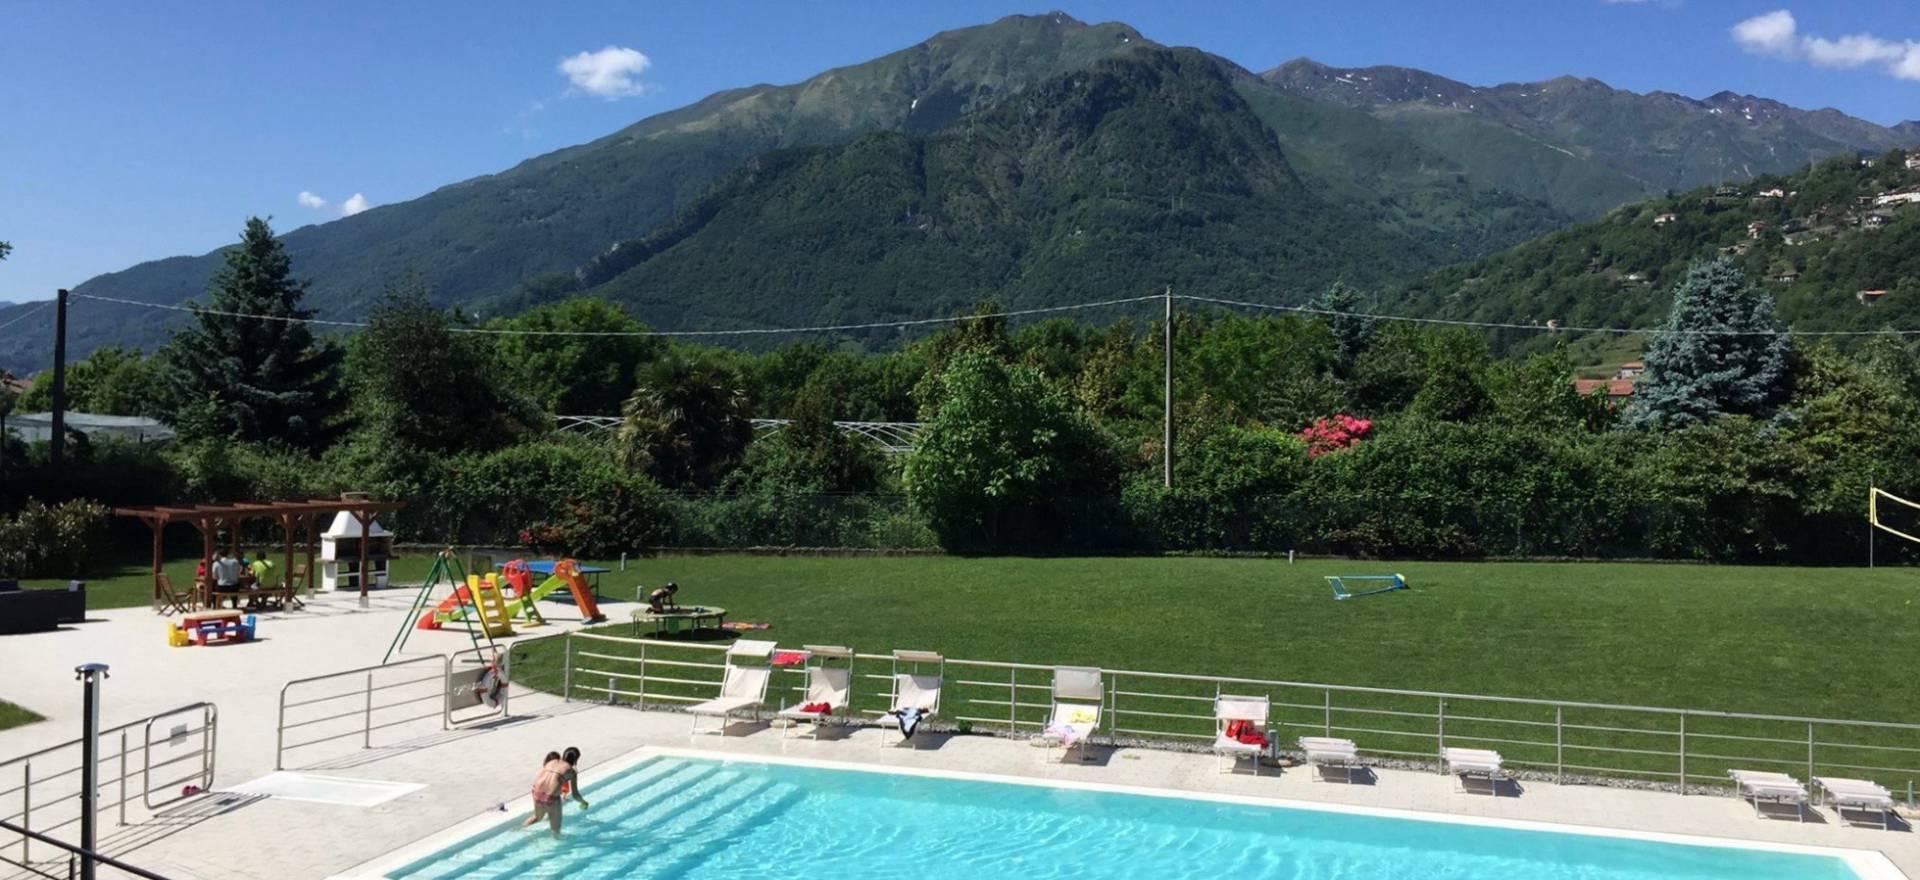 Agriturismo Comomeer en Gardameer Residence Comomeer, kindvriendelijk en groot zwembad